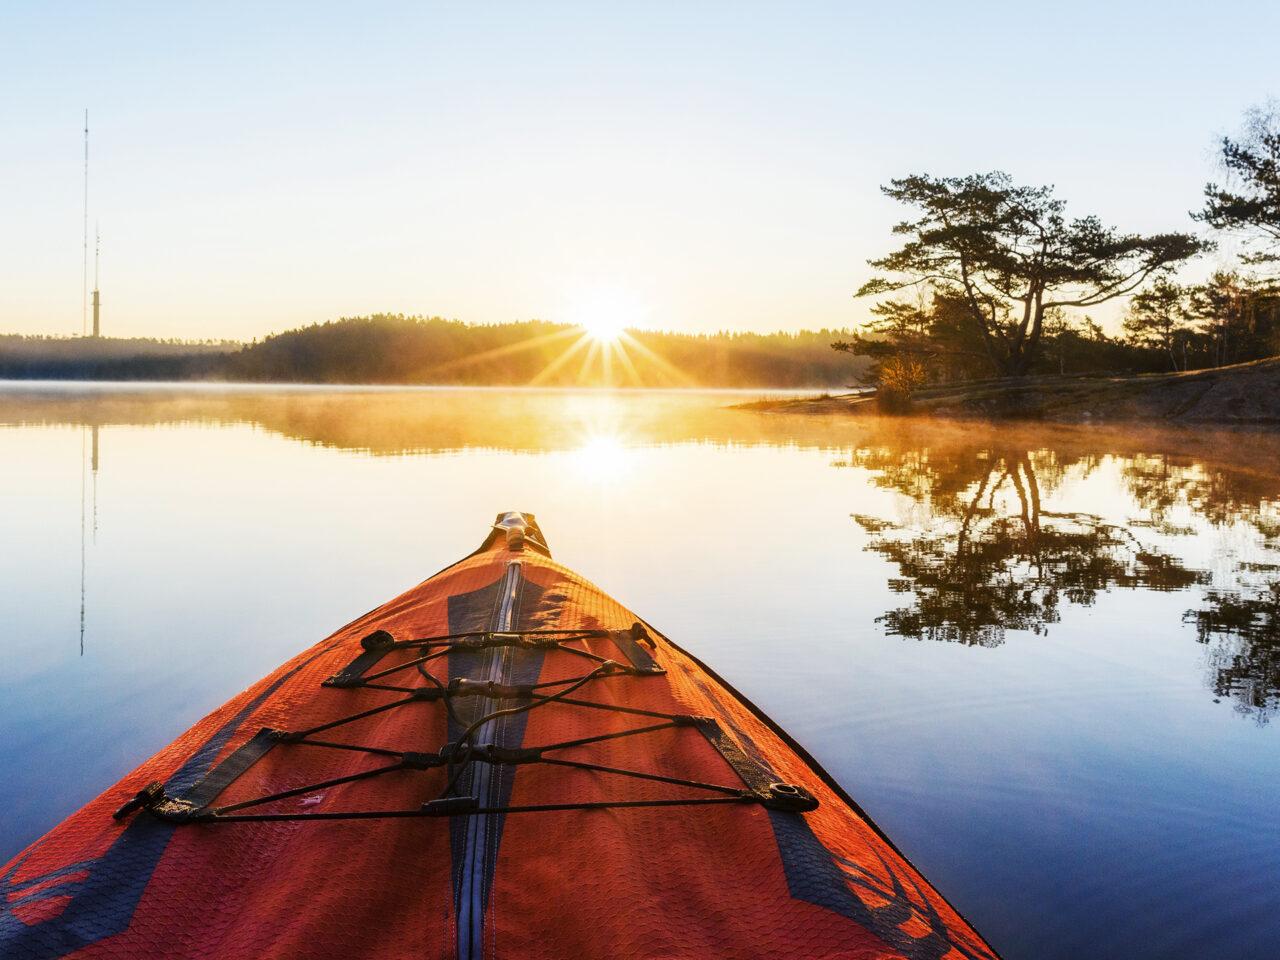 kajak, paddling, kanot, stilla vatten, sjö, solnedgång, avkoppling, aktivitet, friluftsliv, solljus, stillhet,